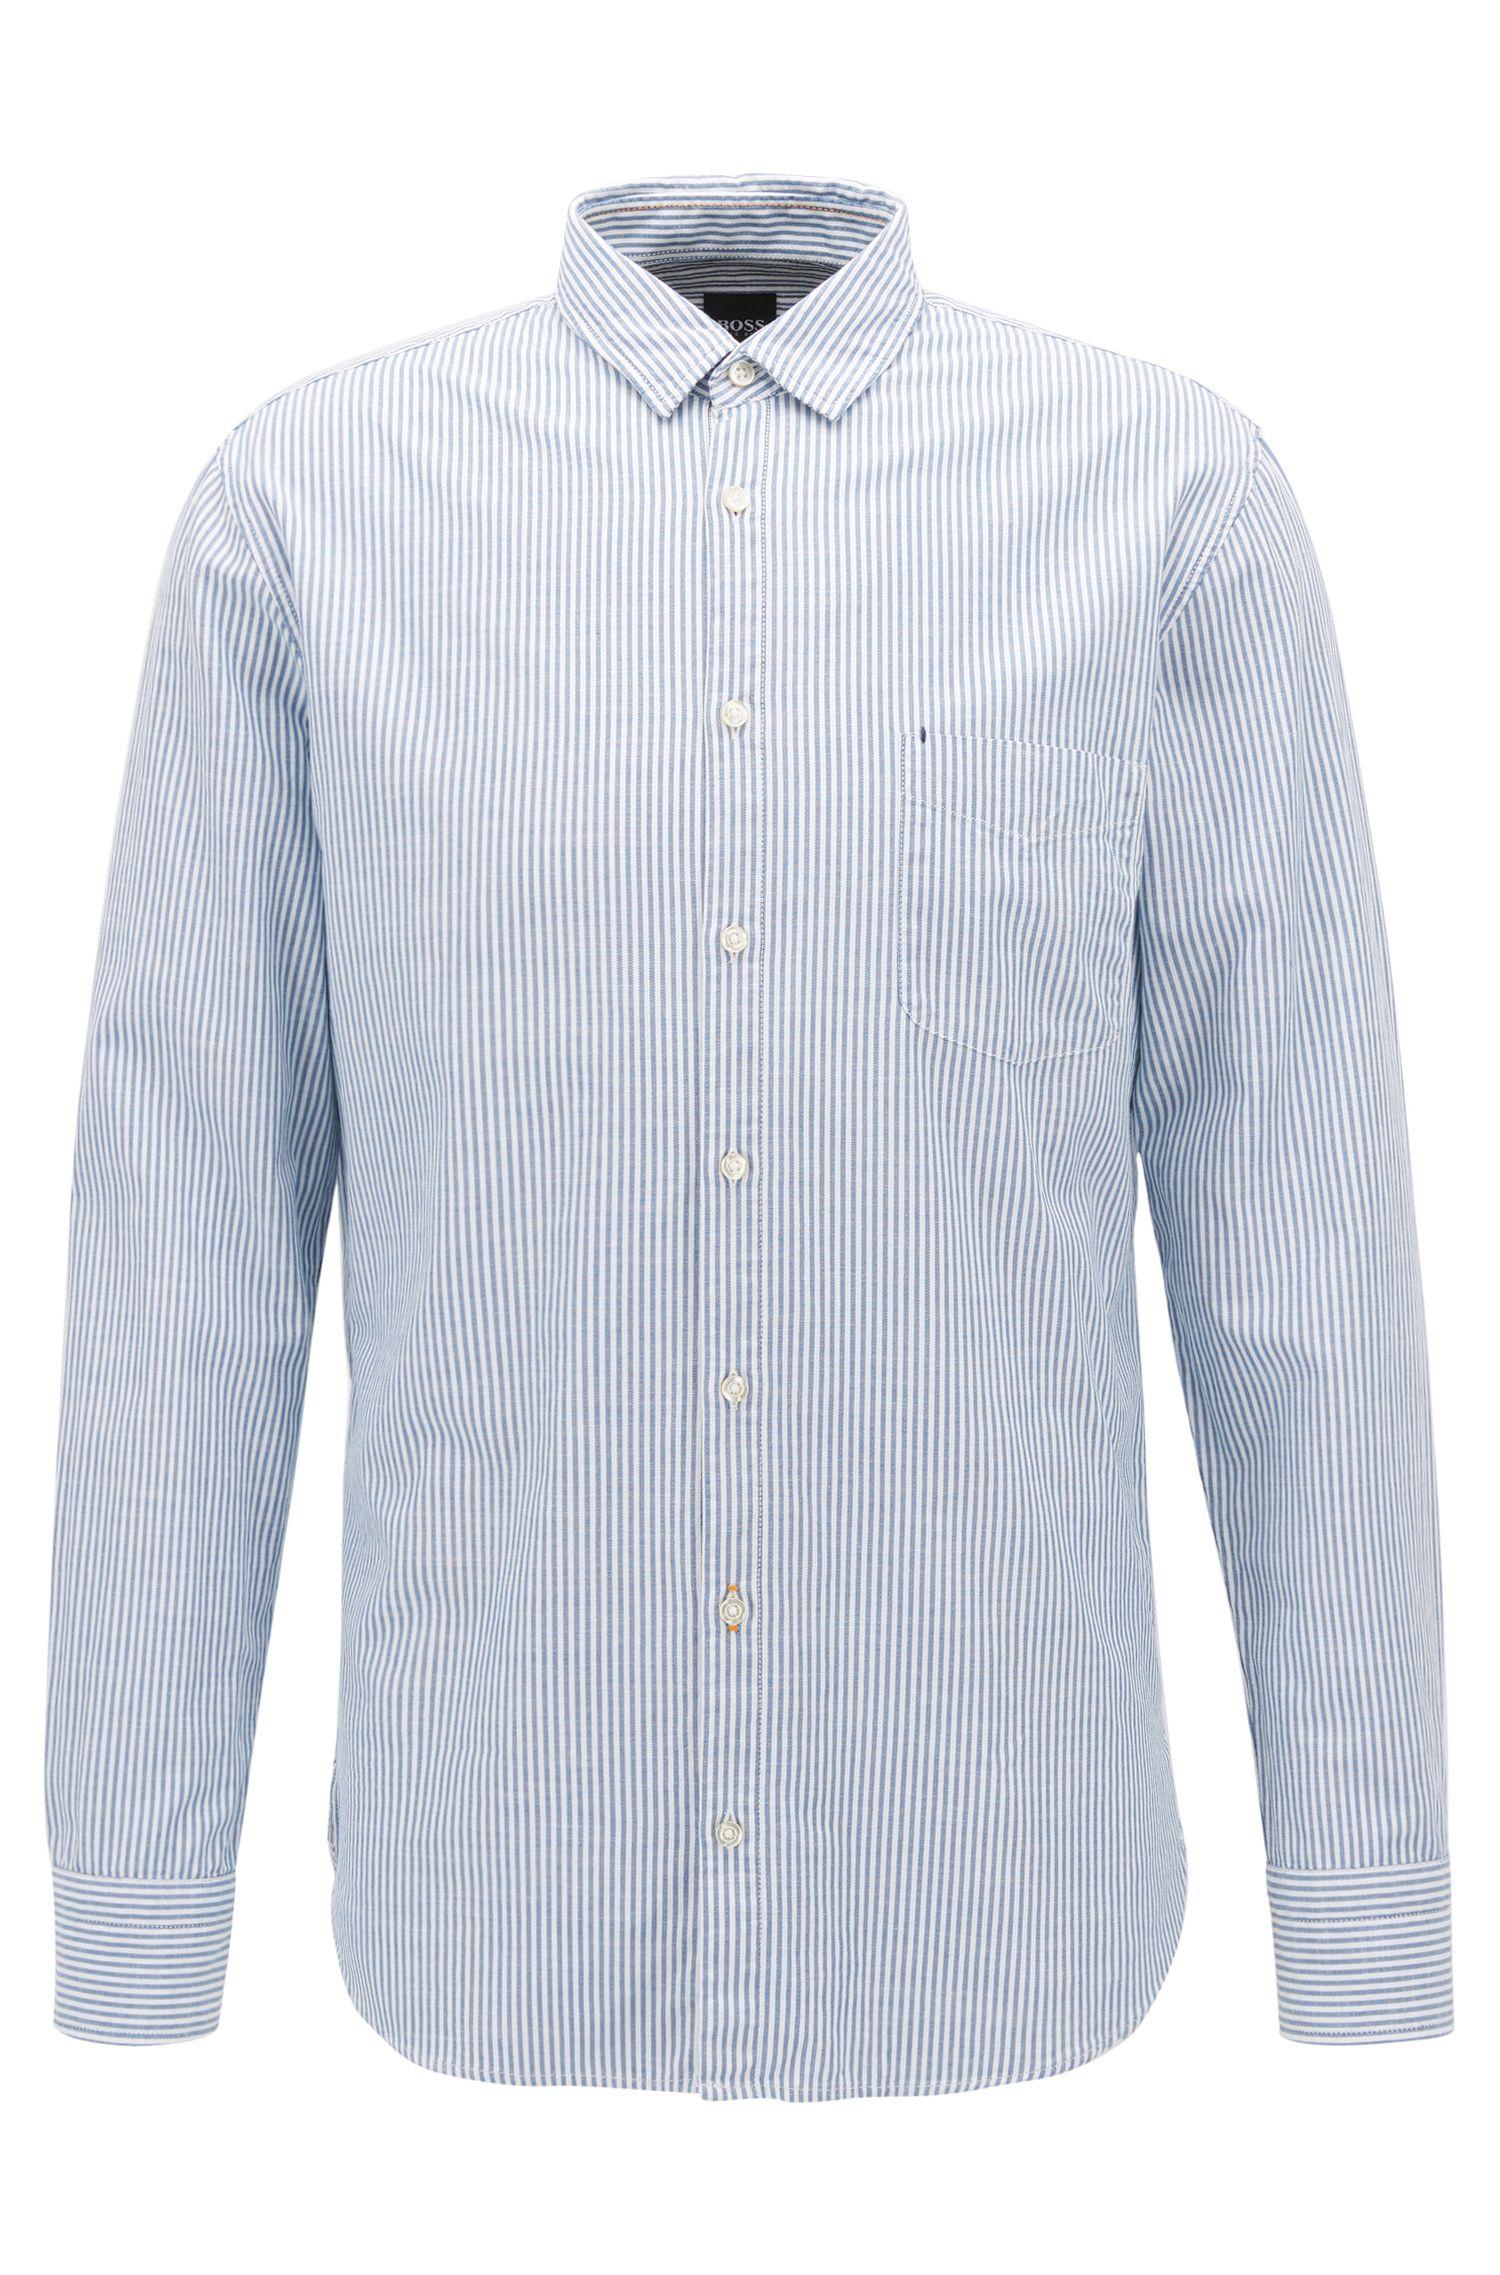 Camicia slim fit a righe in cotone slub-yarn